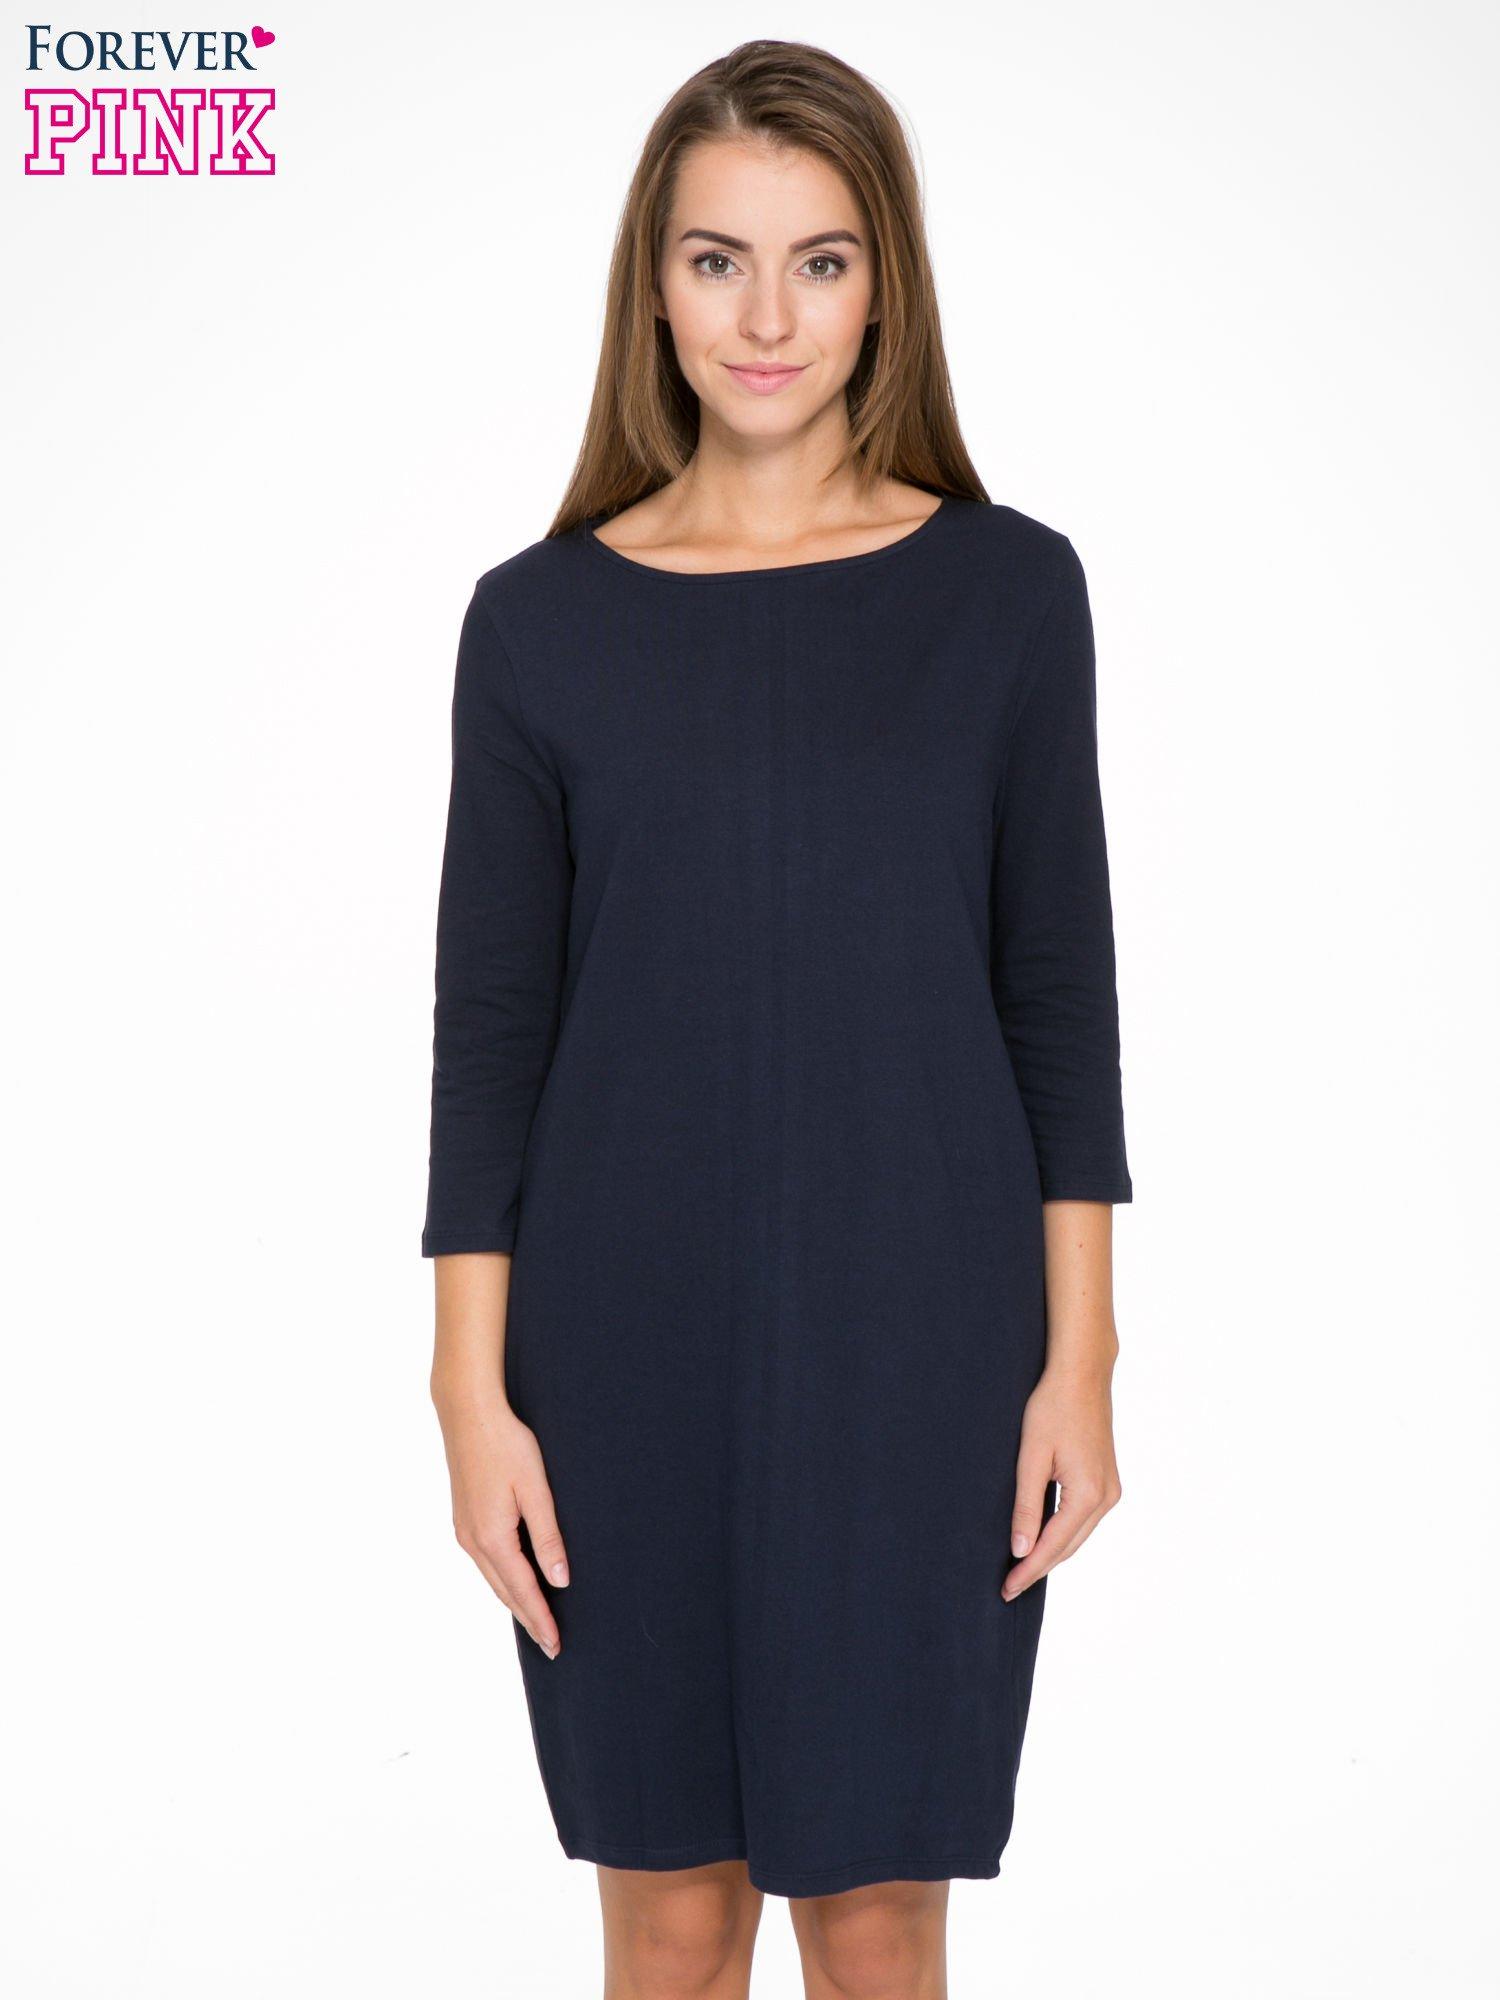 Ciemnogranatowa dresowa sukienka z kieszeniami po bokach                                  zdj.                                  1